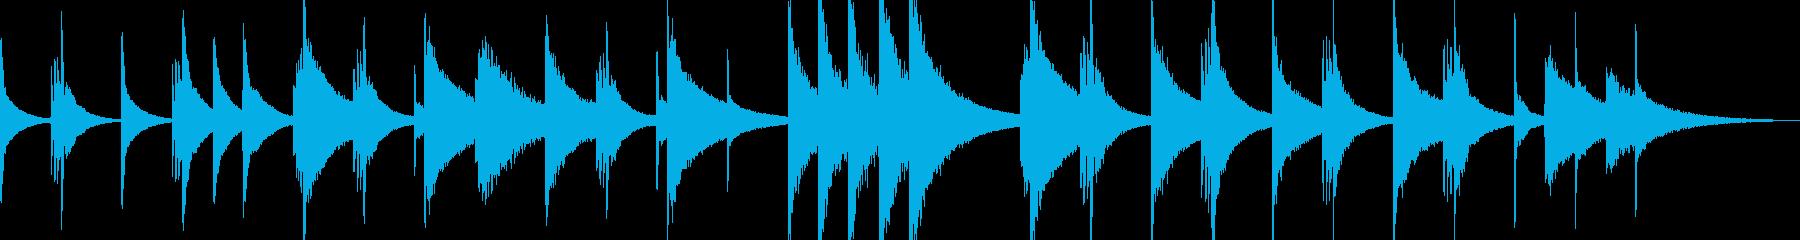 不穏、たくらみ、犯行【不気味なピアノ曲】の再生済みの波形